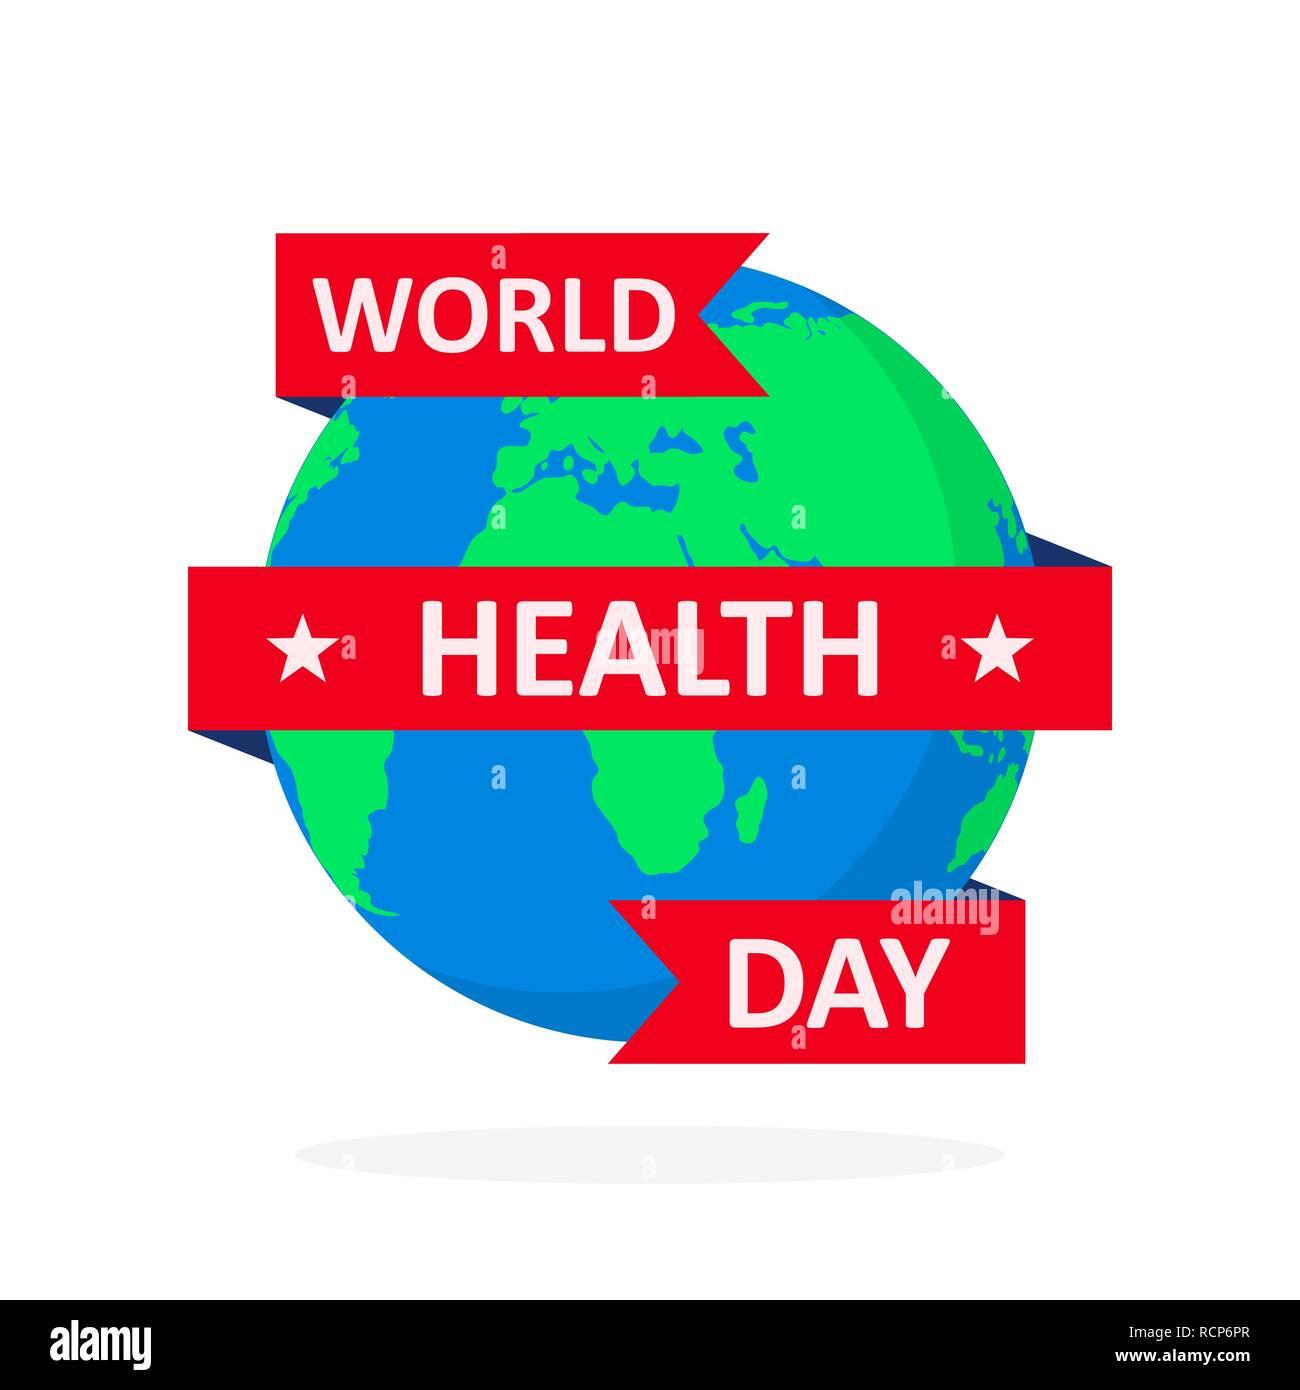 World Health Day Poster mit Globus und Farbband im flachen Design. Vector Illustration. Globus mit roter Schleife, Ökologie Konzept, Stockbild